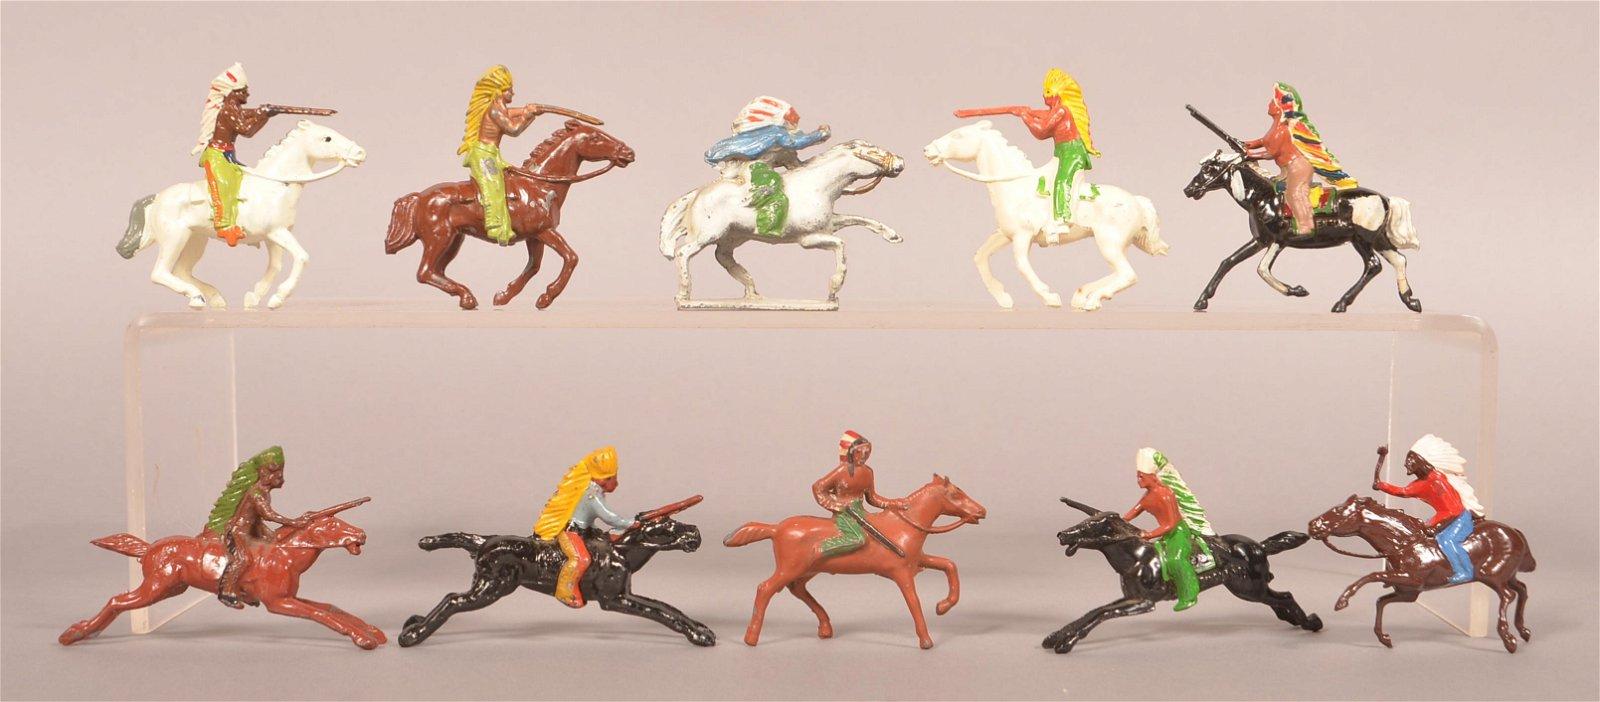 Ten British Made Mounted Indians.